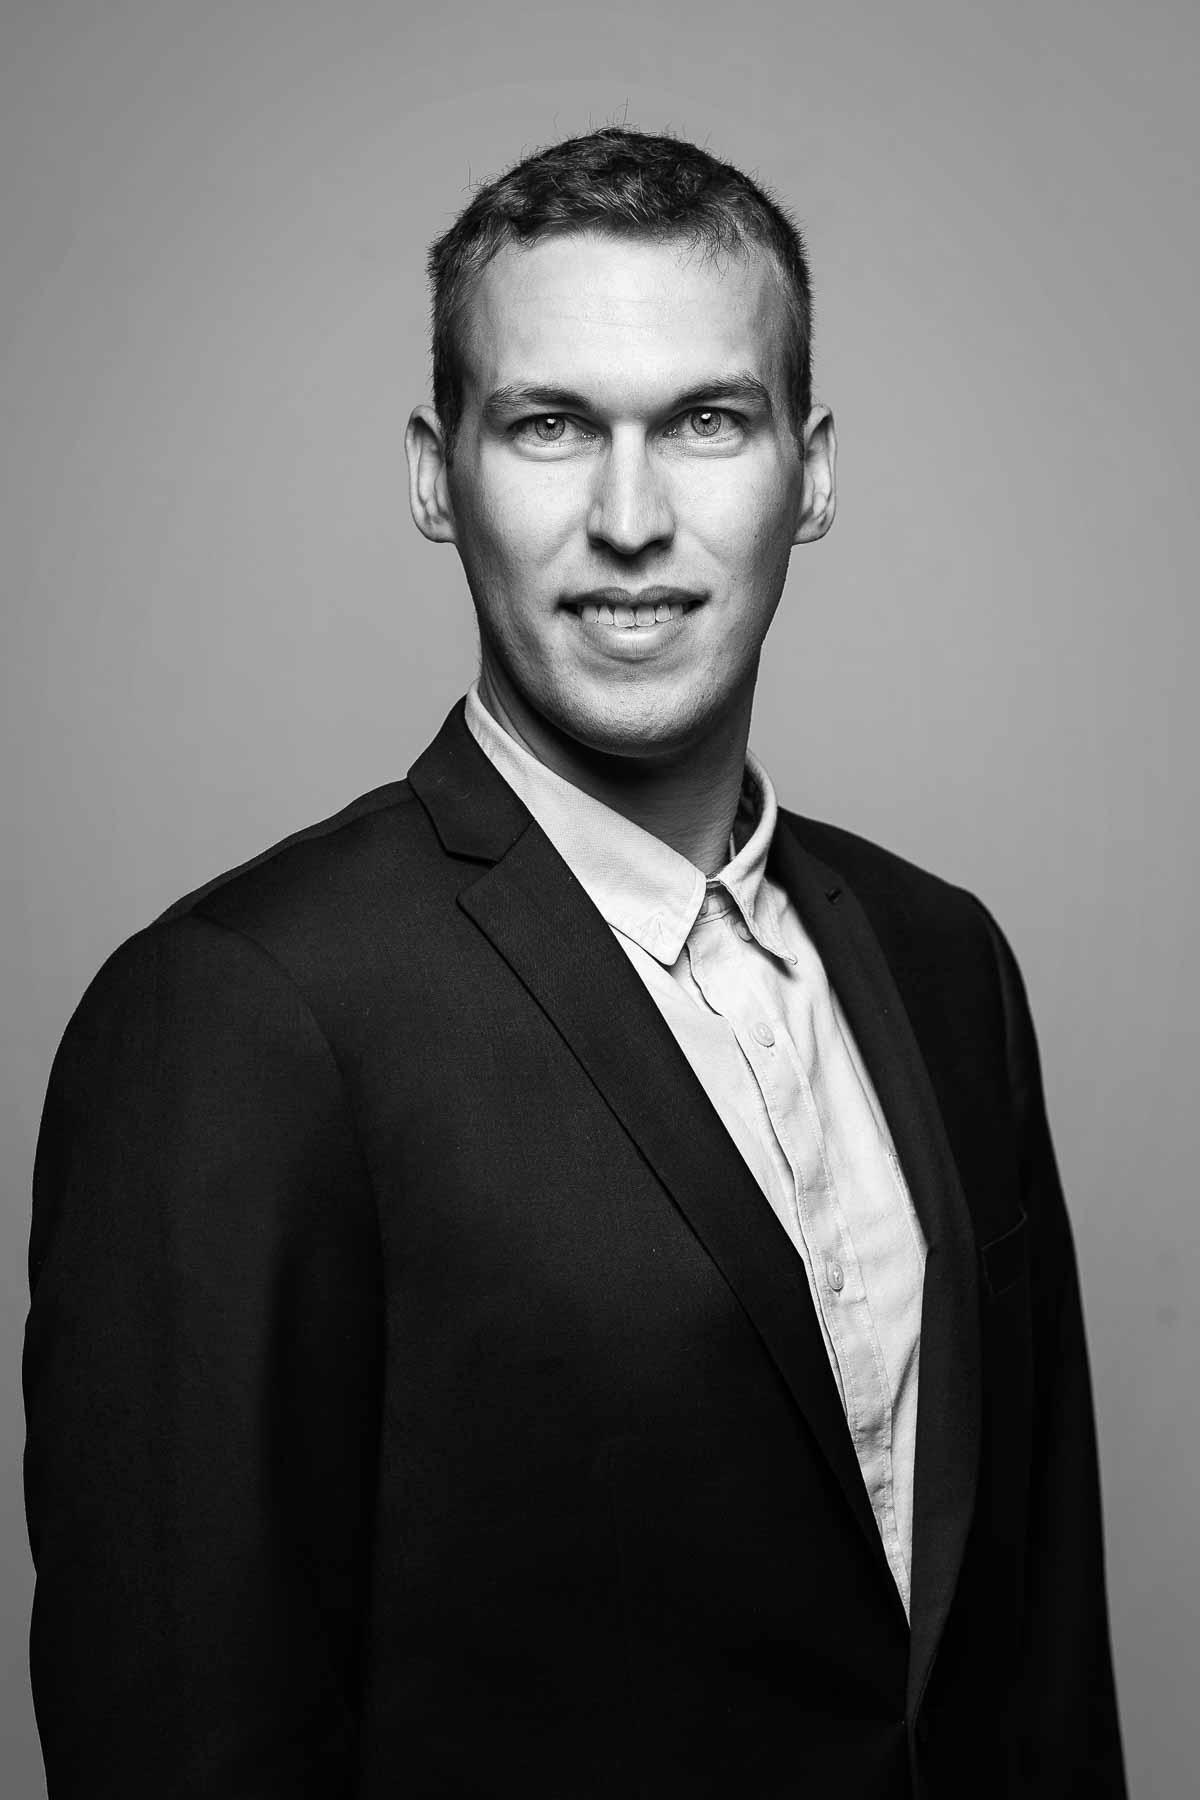 Portrætfotograf Skanderborg - få det perfekte portrætfoto